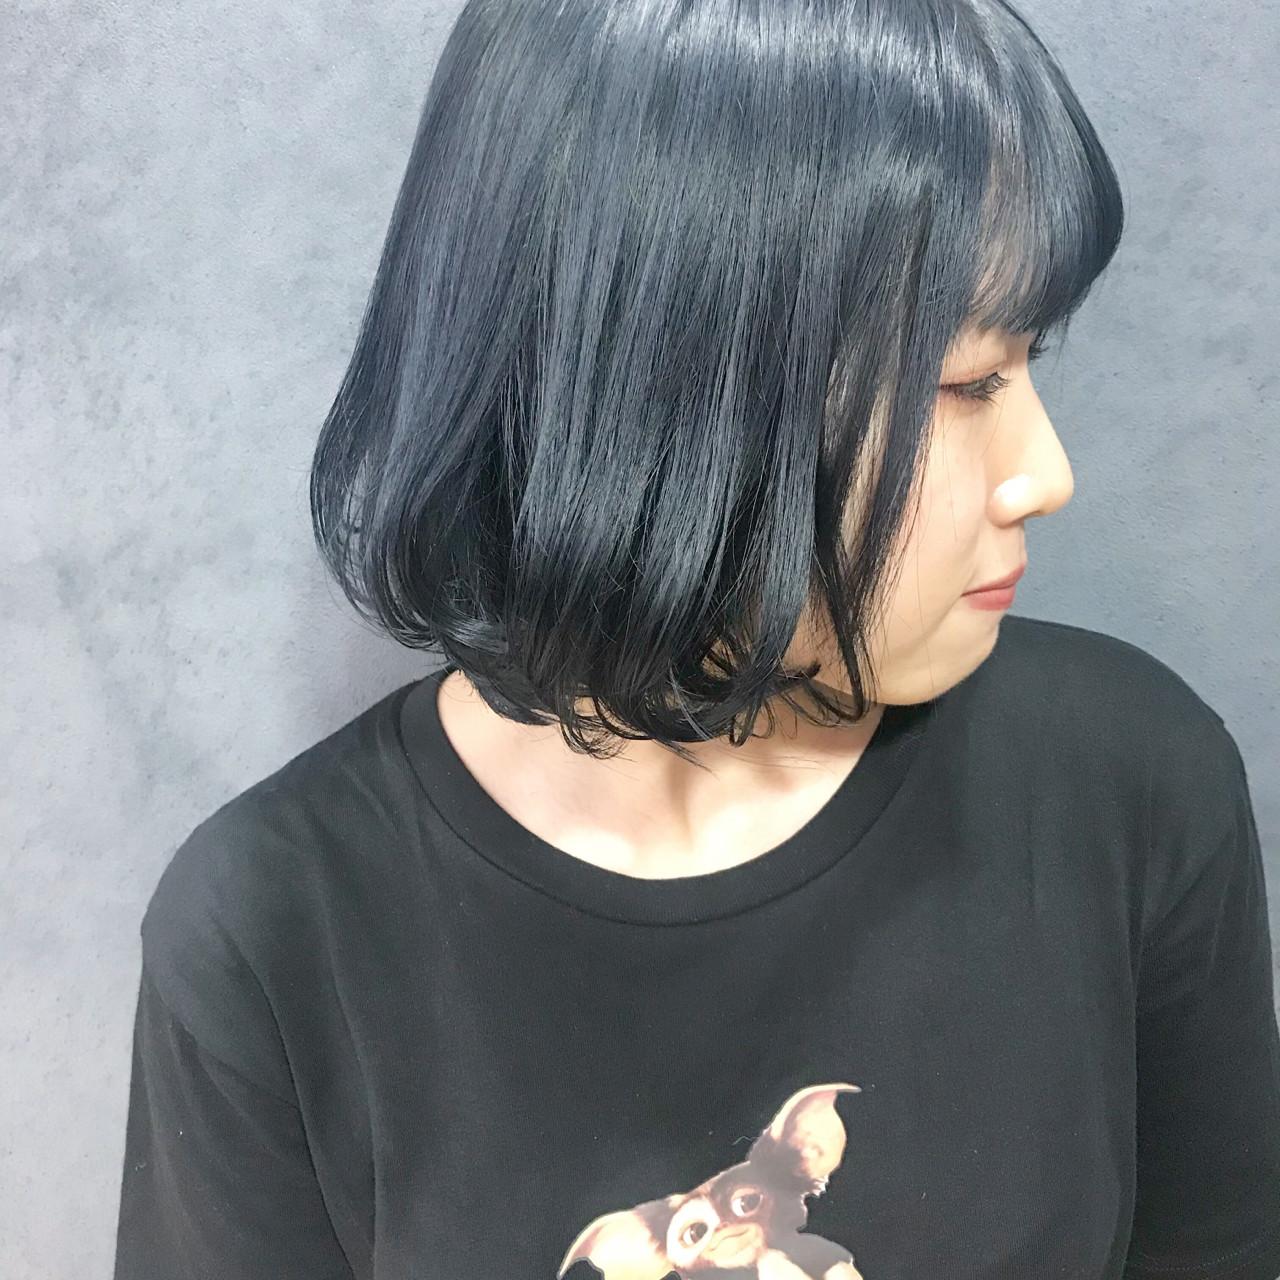 ダークカラー ネイビーカラー ネイビーブルー 暗髪|原宿,ainico